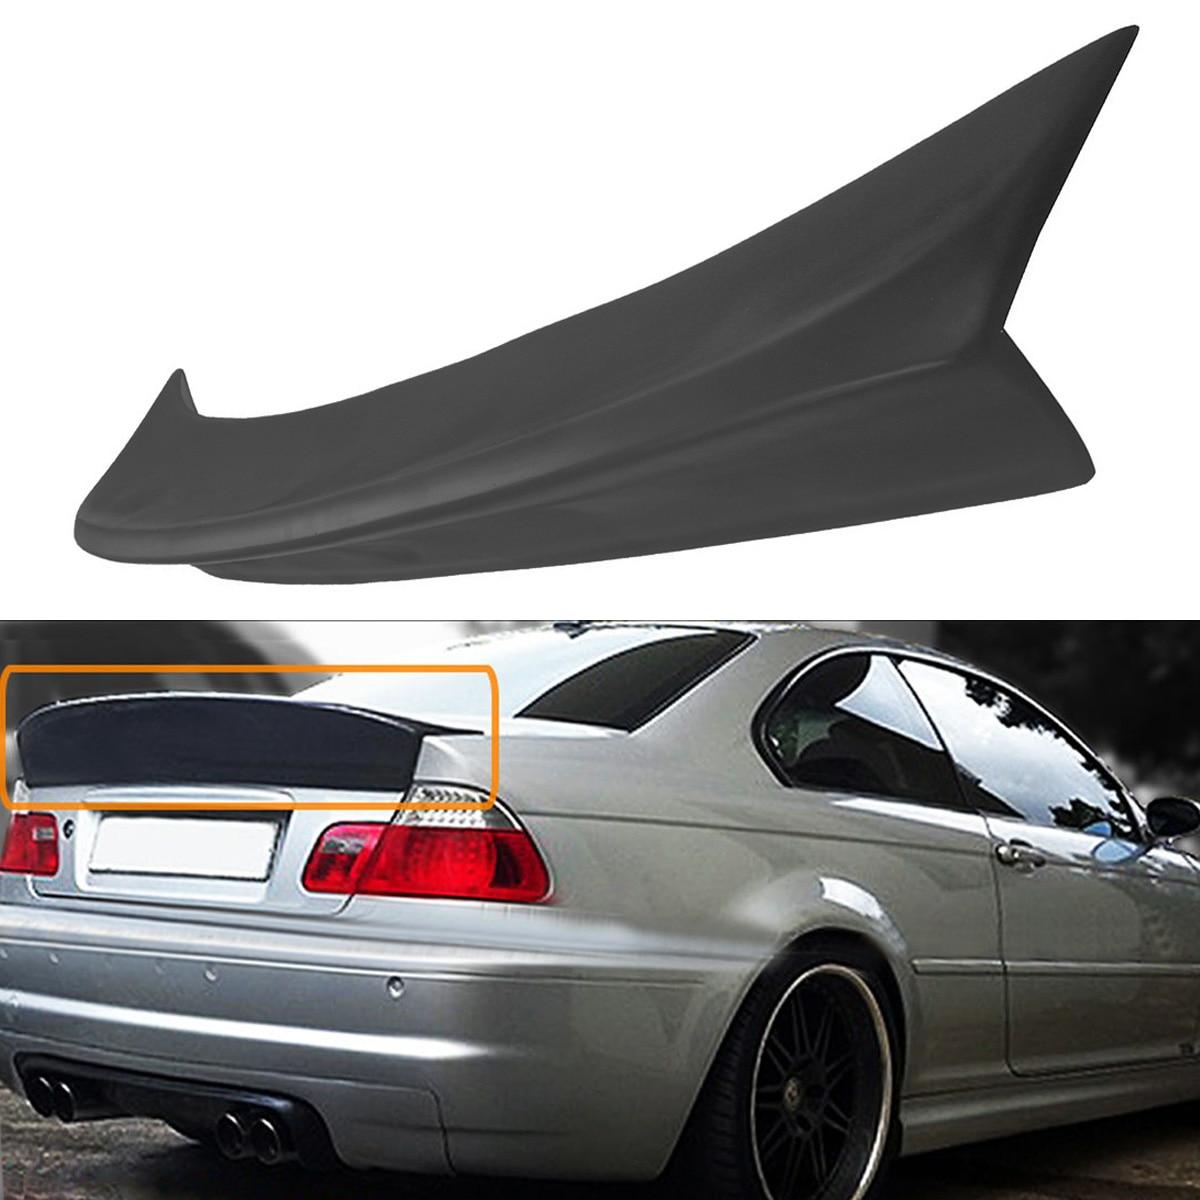 Сзади полиуретан магистрали утконоса HighKick спойлер крыло крышка спойлер для BMW E46 2DR модель M3 CSL Стиль 2001-2006 черный